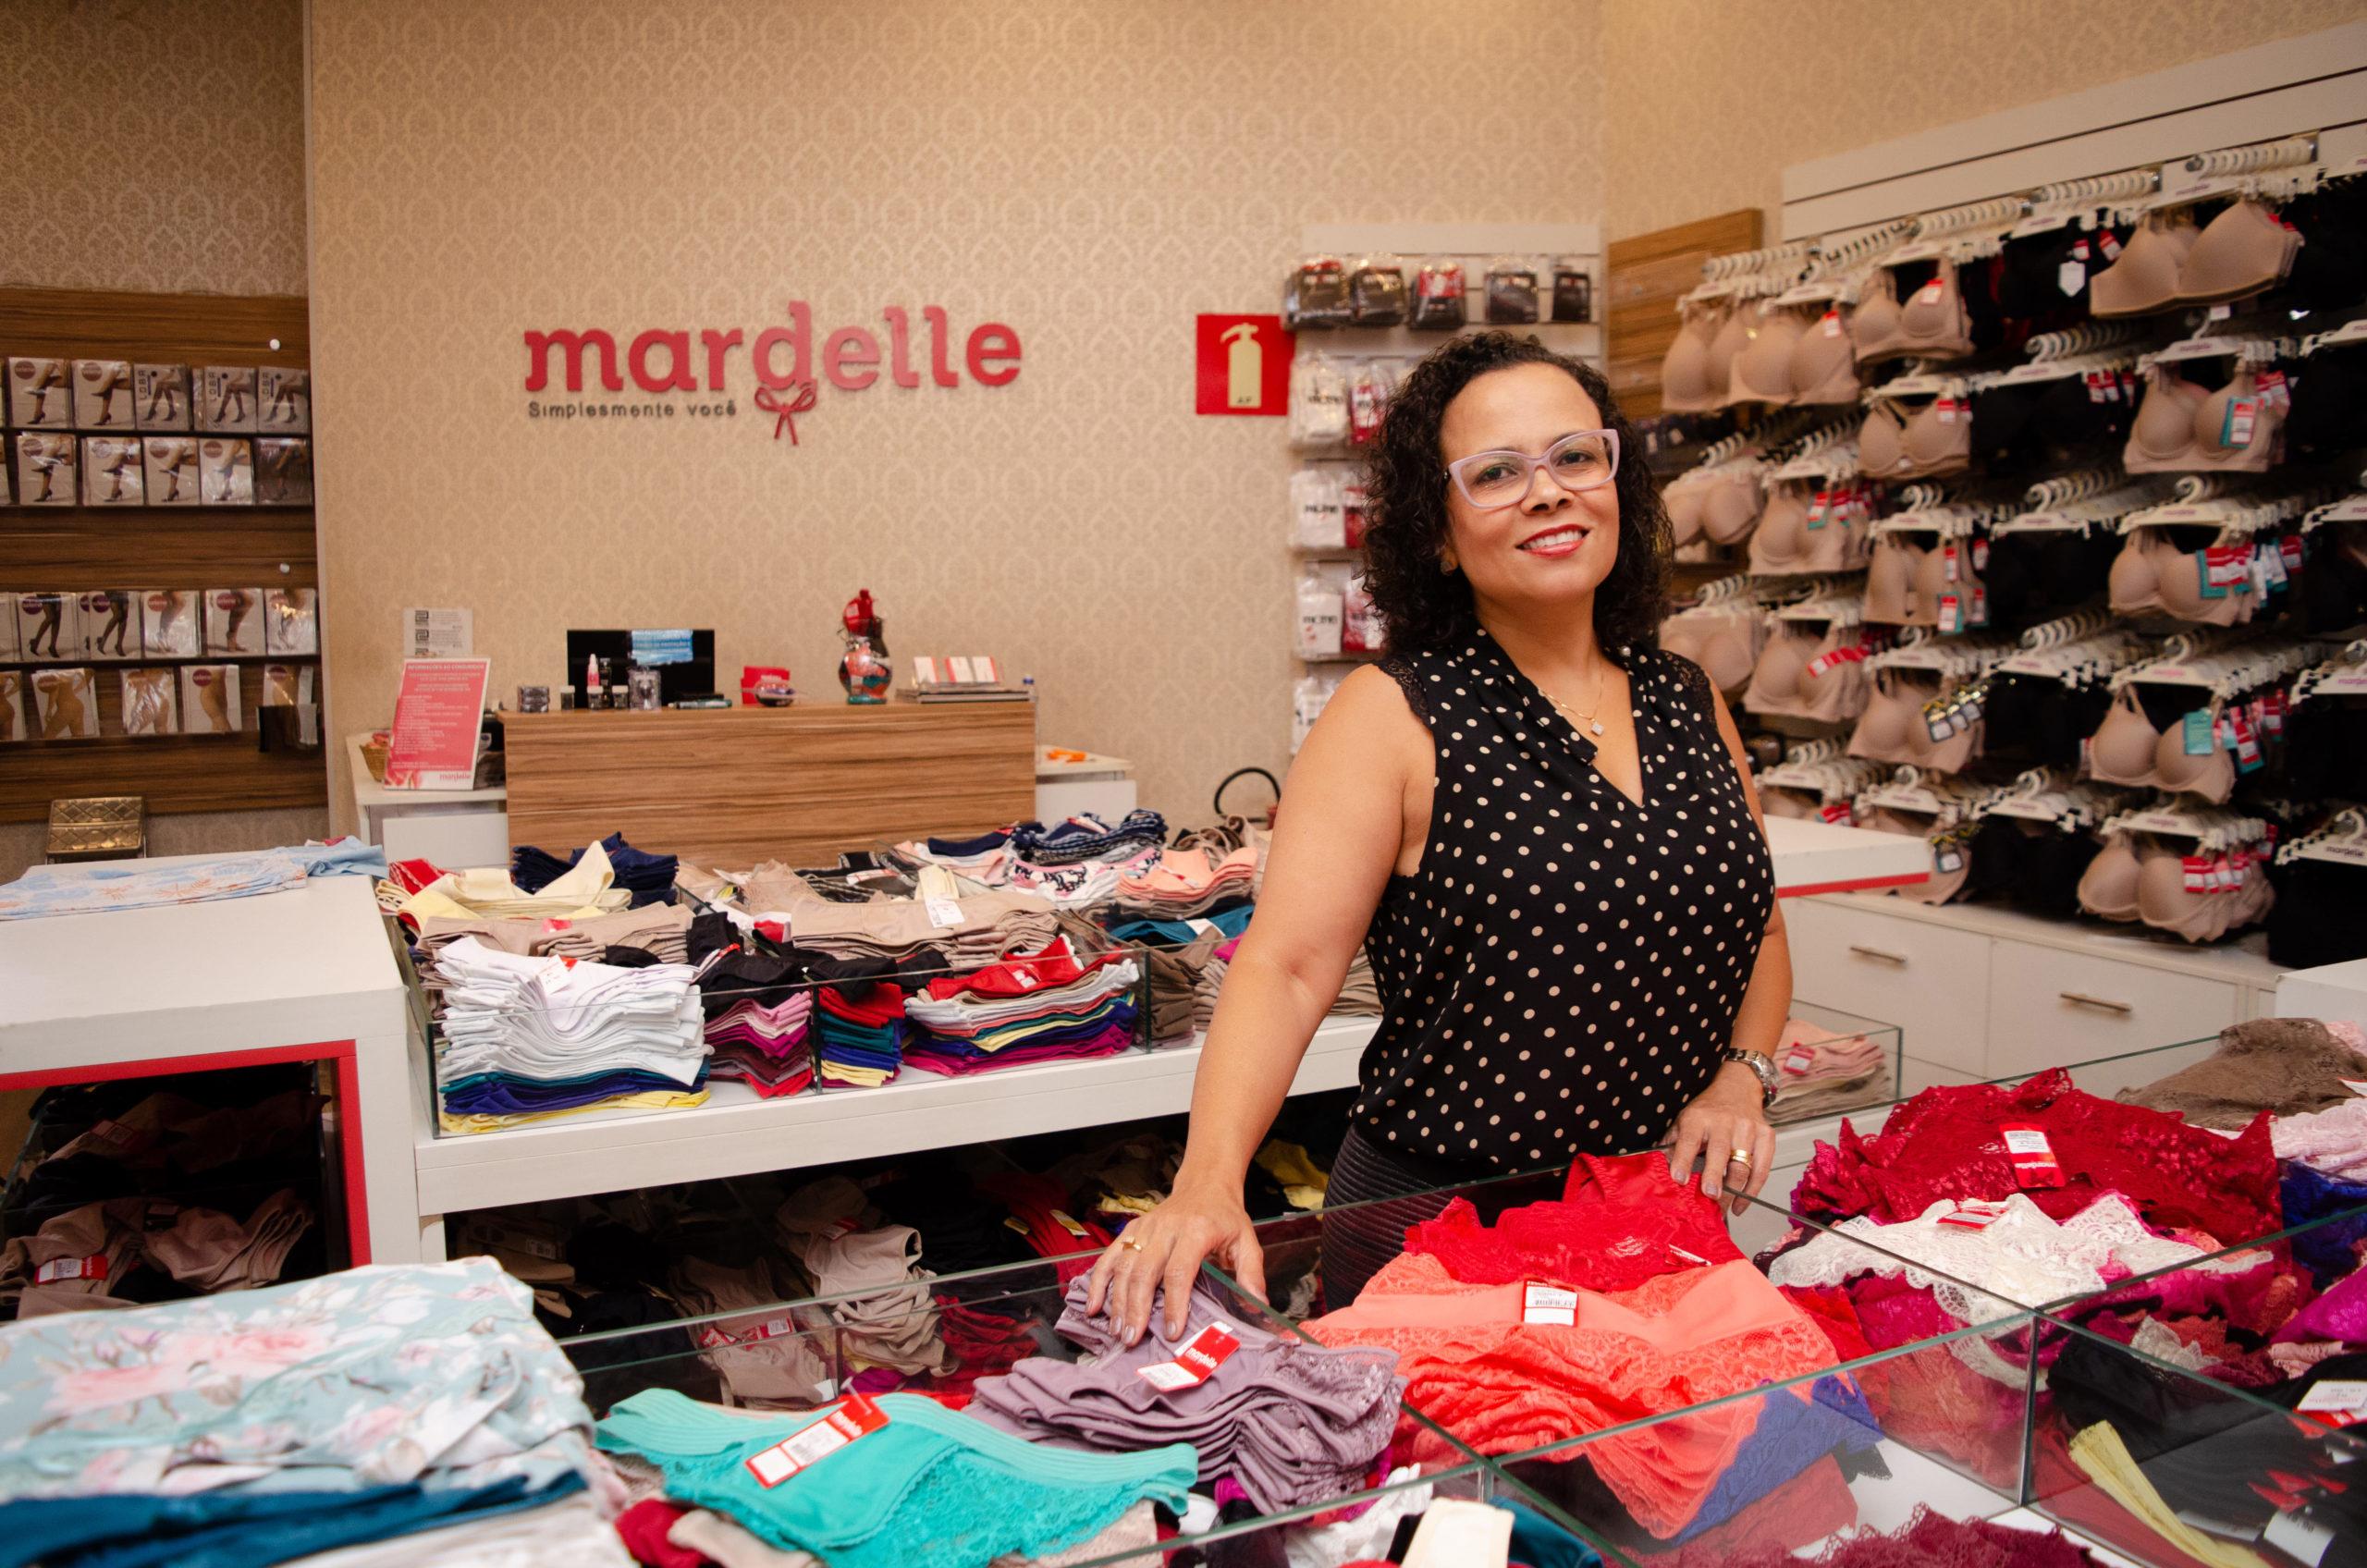 Franquia Mardelle: como funciona o negócio?